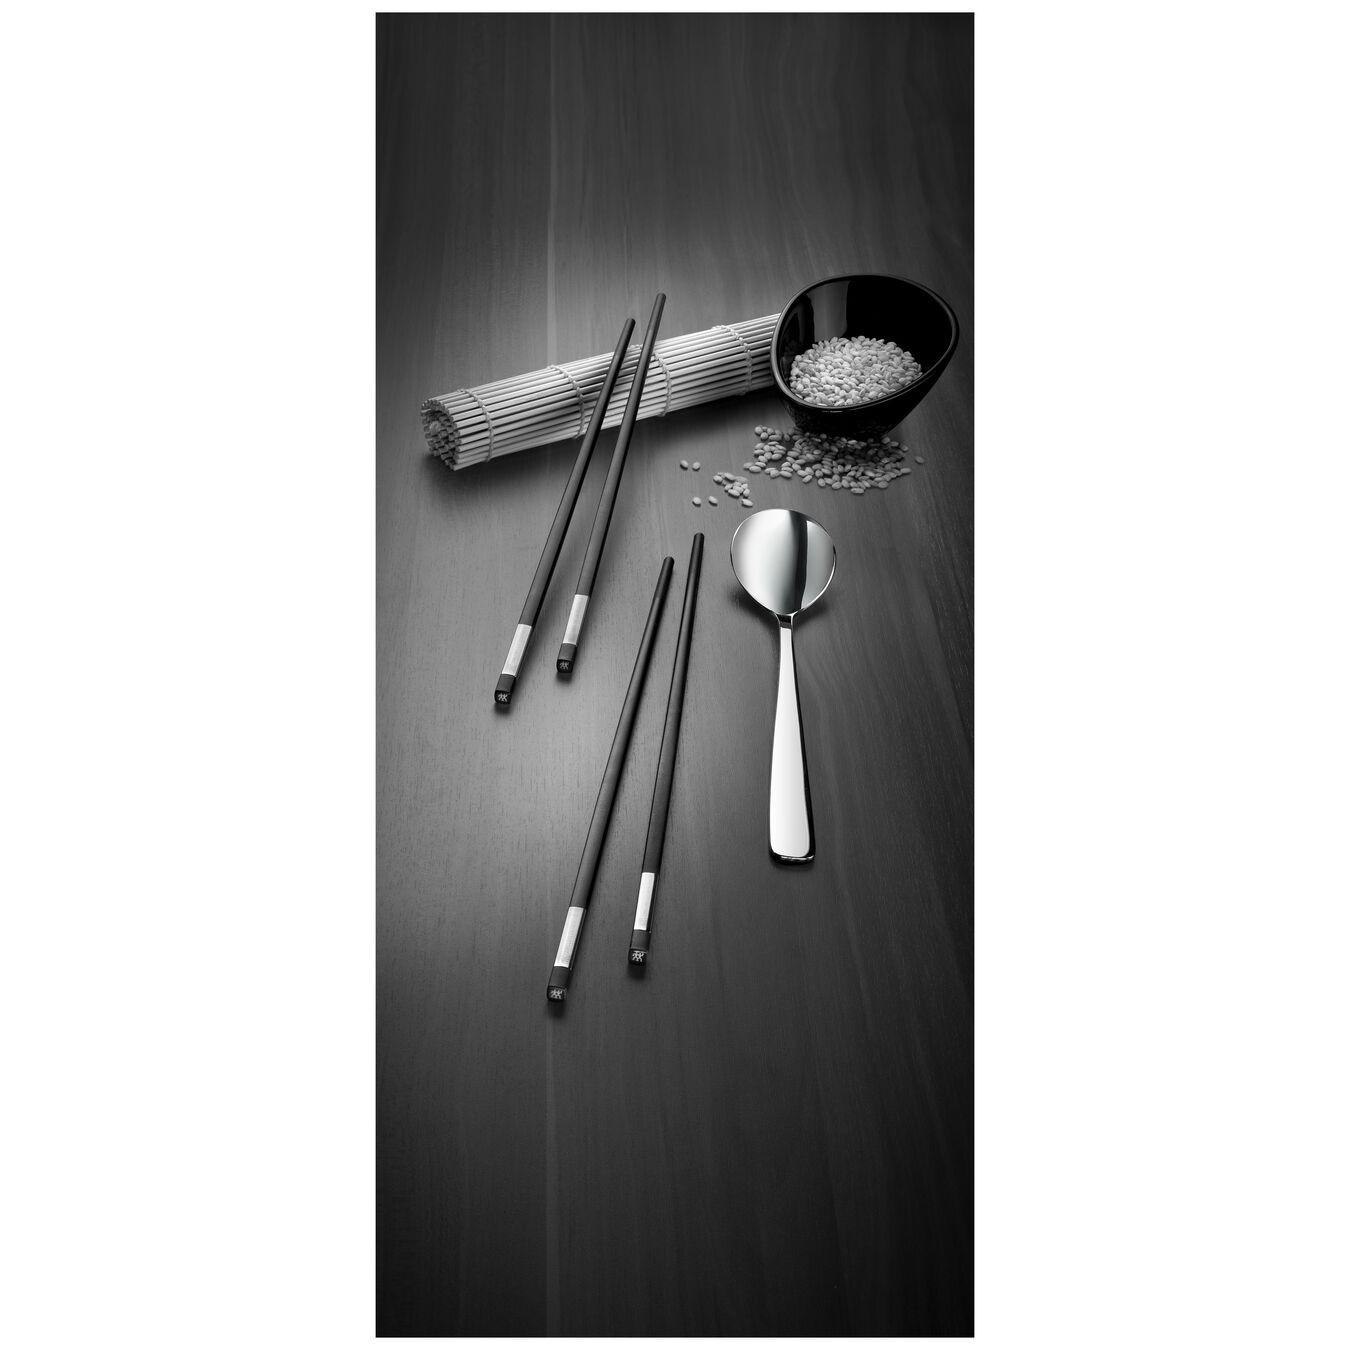 Chopstick Set 5-tlg, mattiert/poliert,,large 3